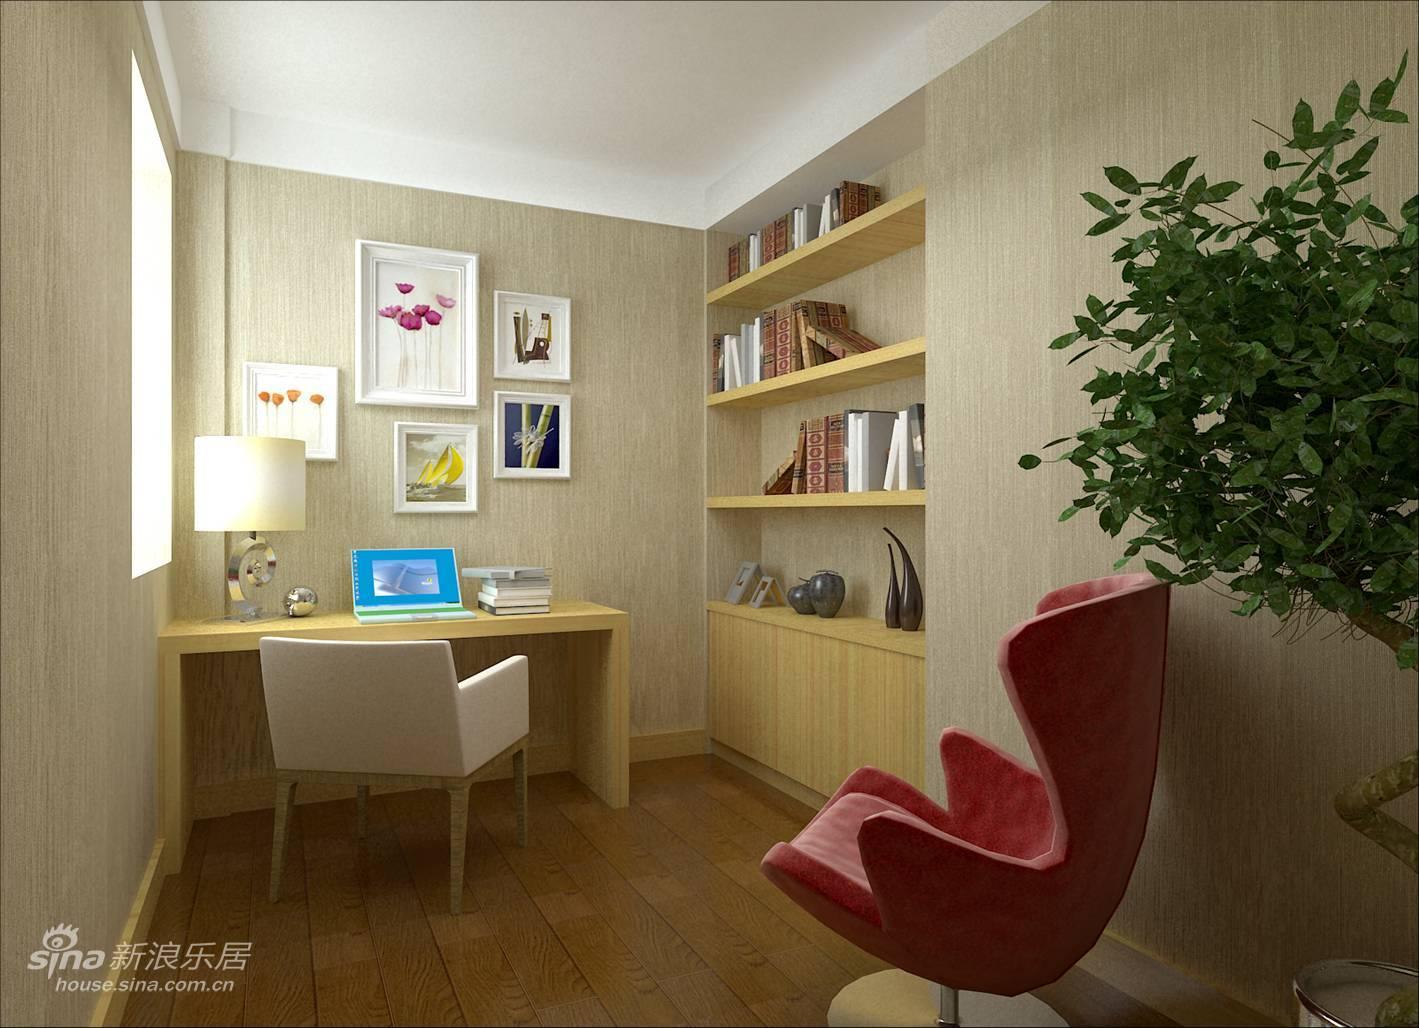 其他 二居 书房图片来自用户2557963305在时尚的 设计23的分享